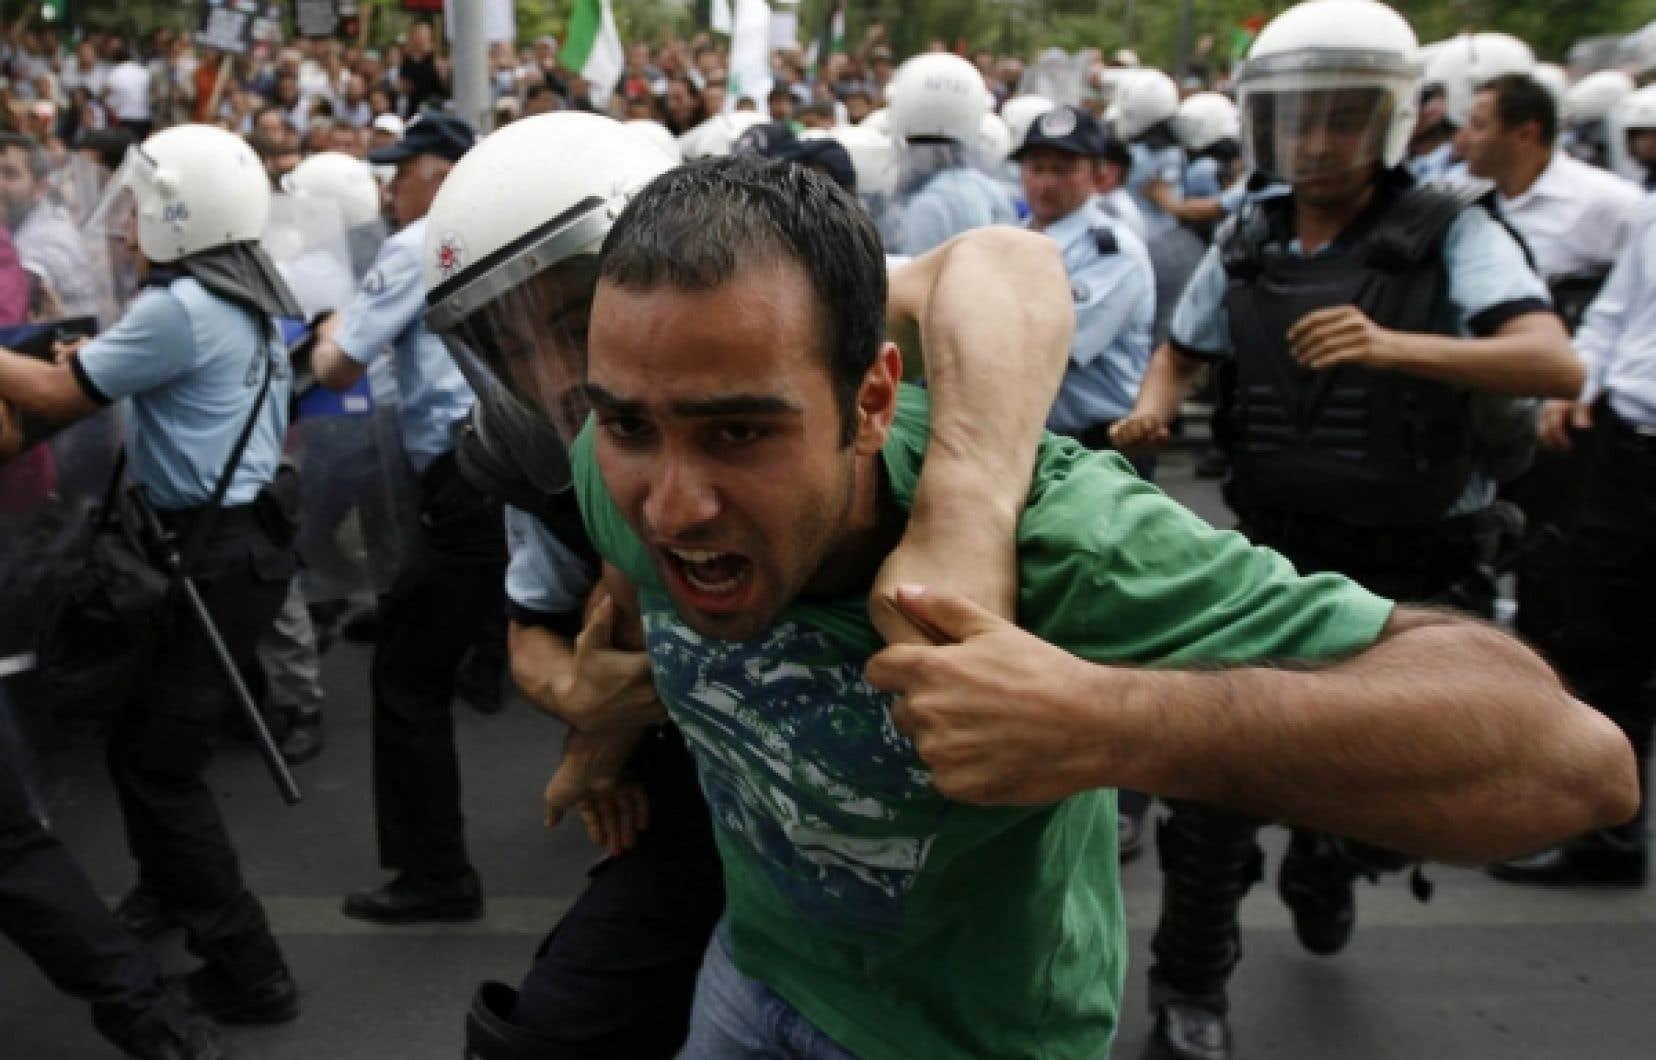 Affrontements entre des manifestants venus dénoncer le raid des militaires israéliens contre la flottille chargée d'aide humanitaire à destination de Gaza et les forces policières de la capitale turque, hier, devant la résidence de l'ambassadeur d'Israël à Ankara, Gabby Levy. Plus tôt, le premier ministre turc, Recep Tayyip Erdogan, avait qualifié l'assaut de «massacre sanglant», d'«attaque insolente et irresponsable qui piétine toute vertu humaine» demandant qu'Israël soit «puni» pour son «opération inhumaine». L'attaque aurait fait neuf morts, dont au moins quatre Turcs, aux aurores lundi.